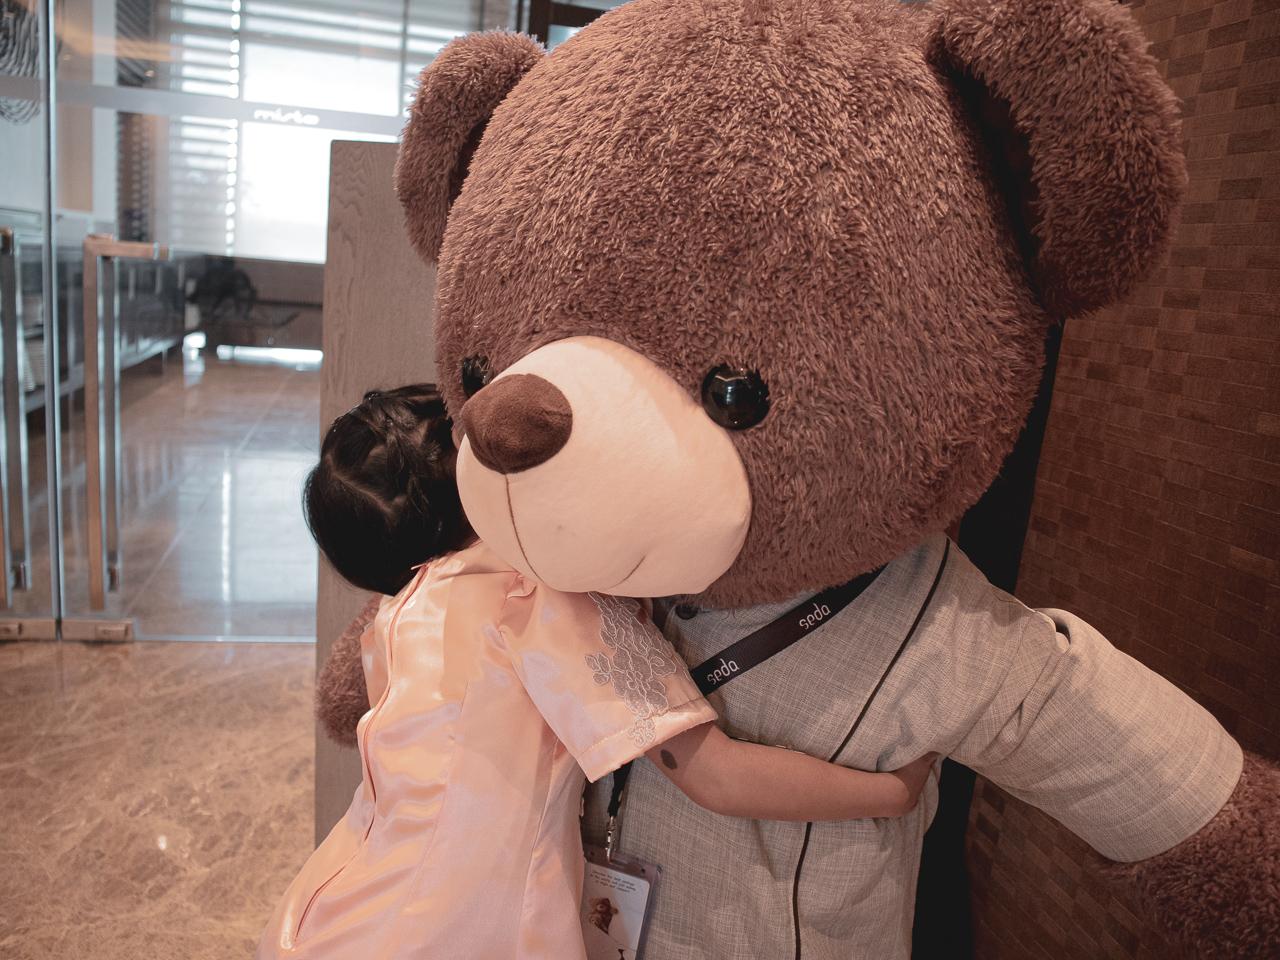 hug-for-seda-hotel-bear-2